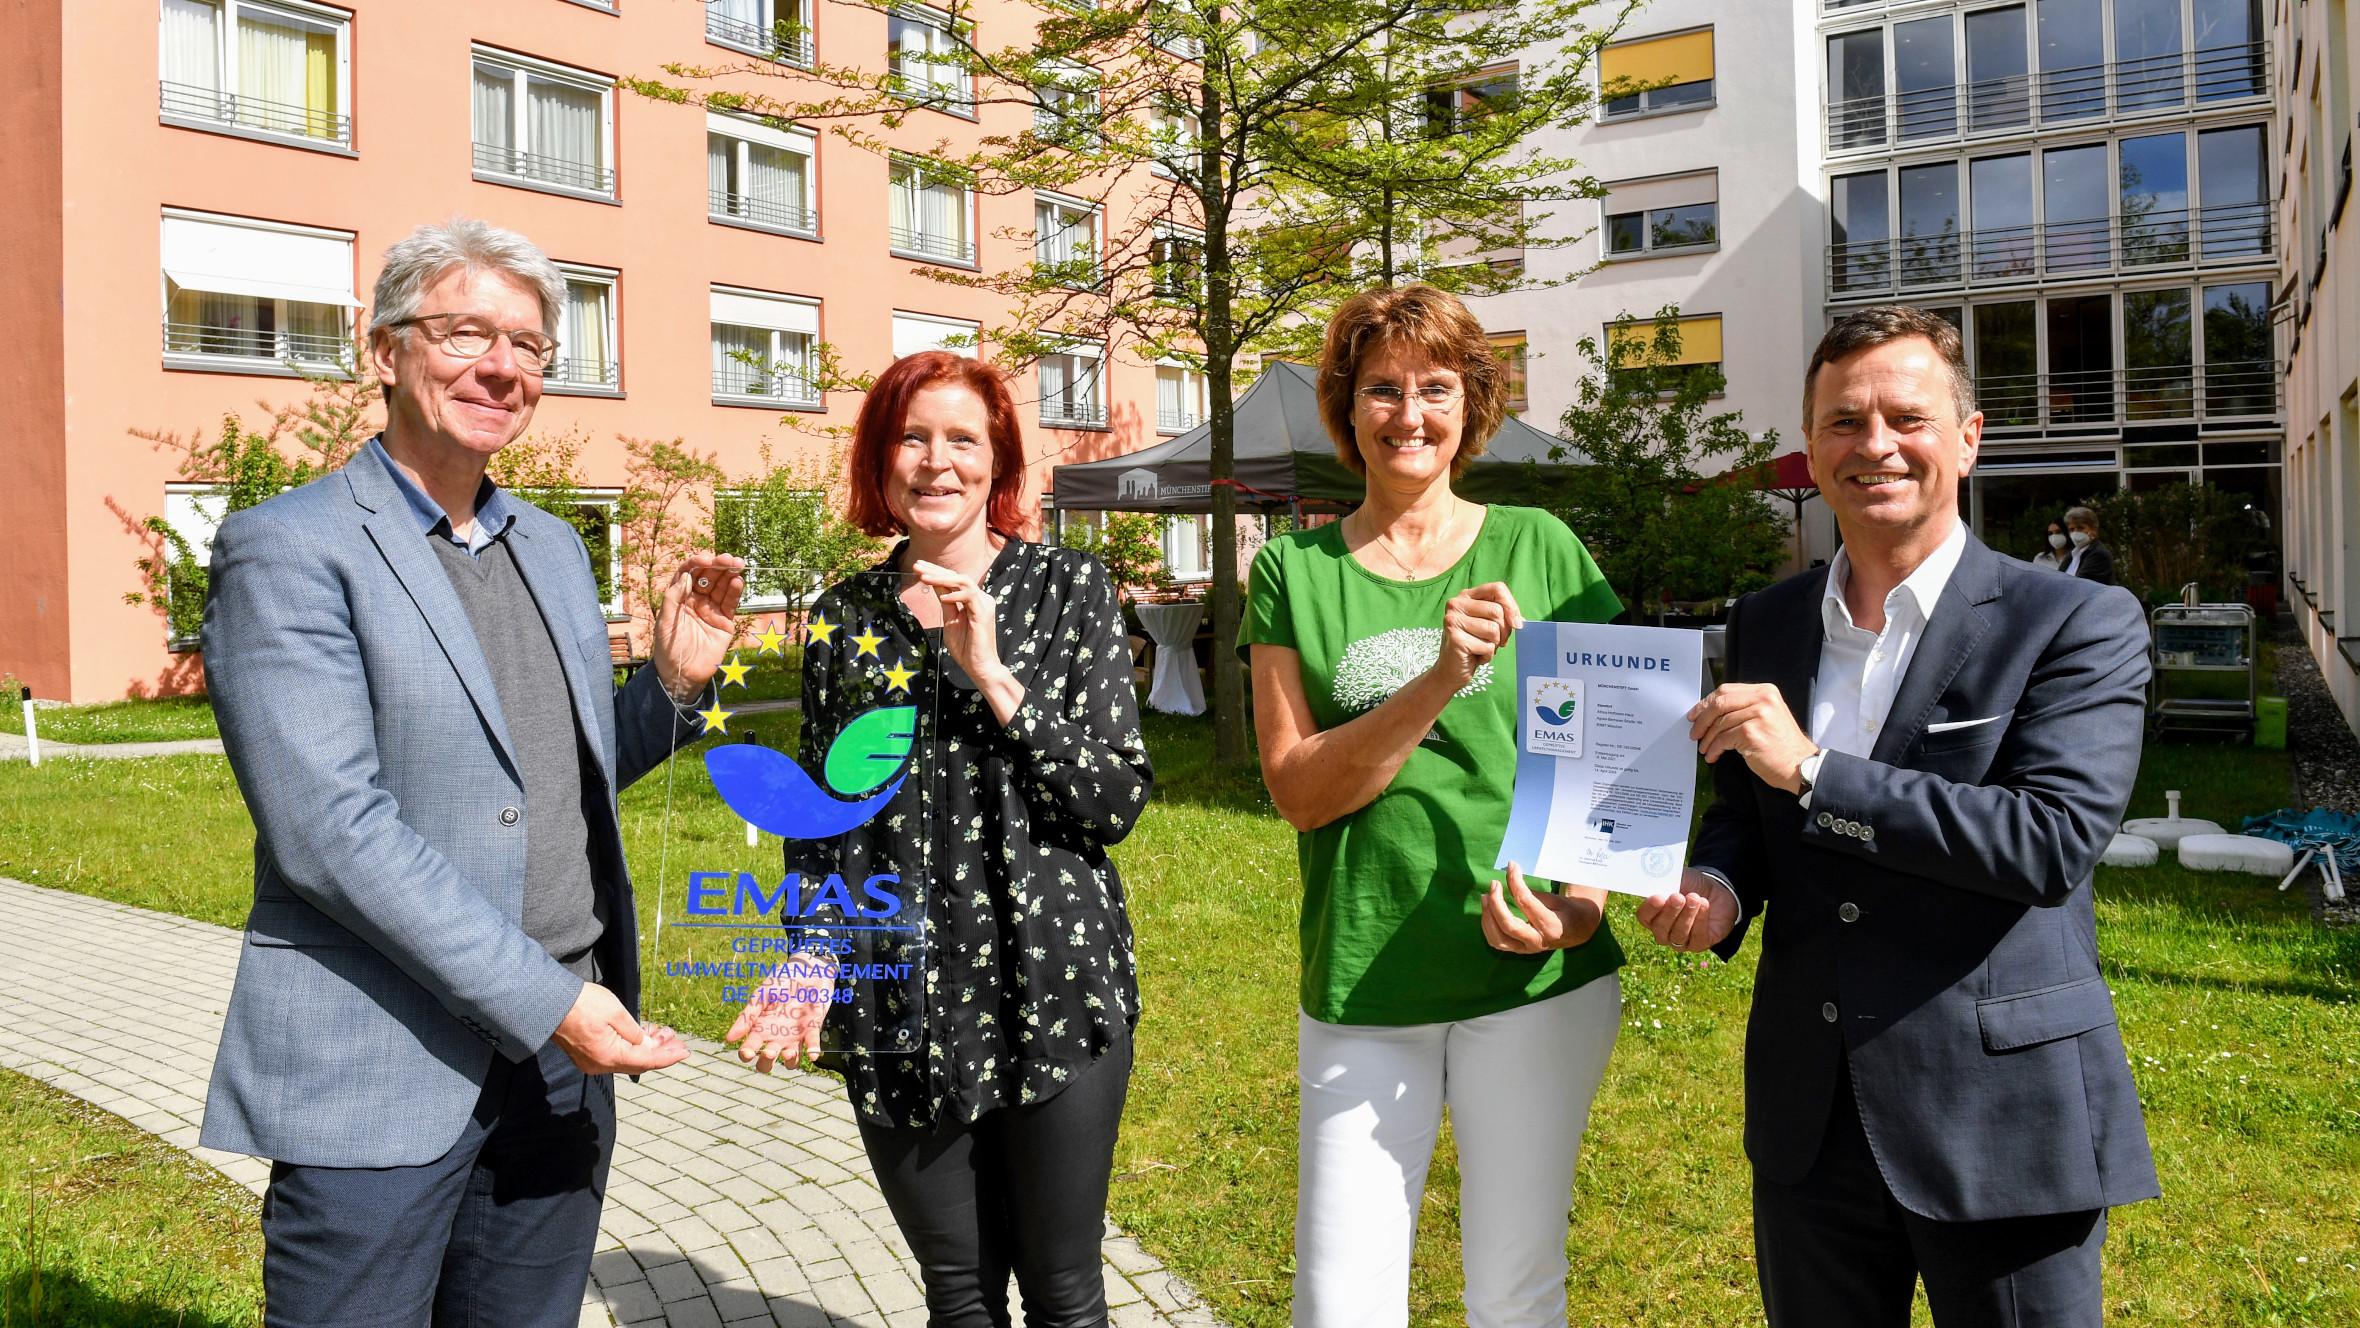 Vergabe des EMAS-Zertifikats durch Manfred Gößl von der IHK München und Oberbayern